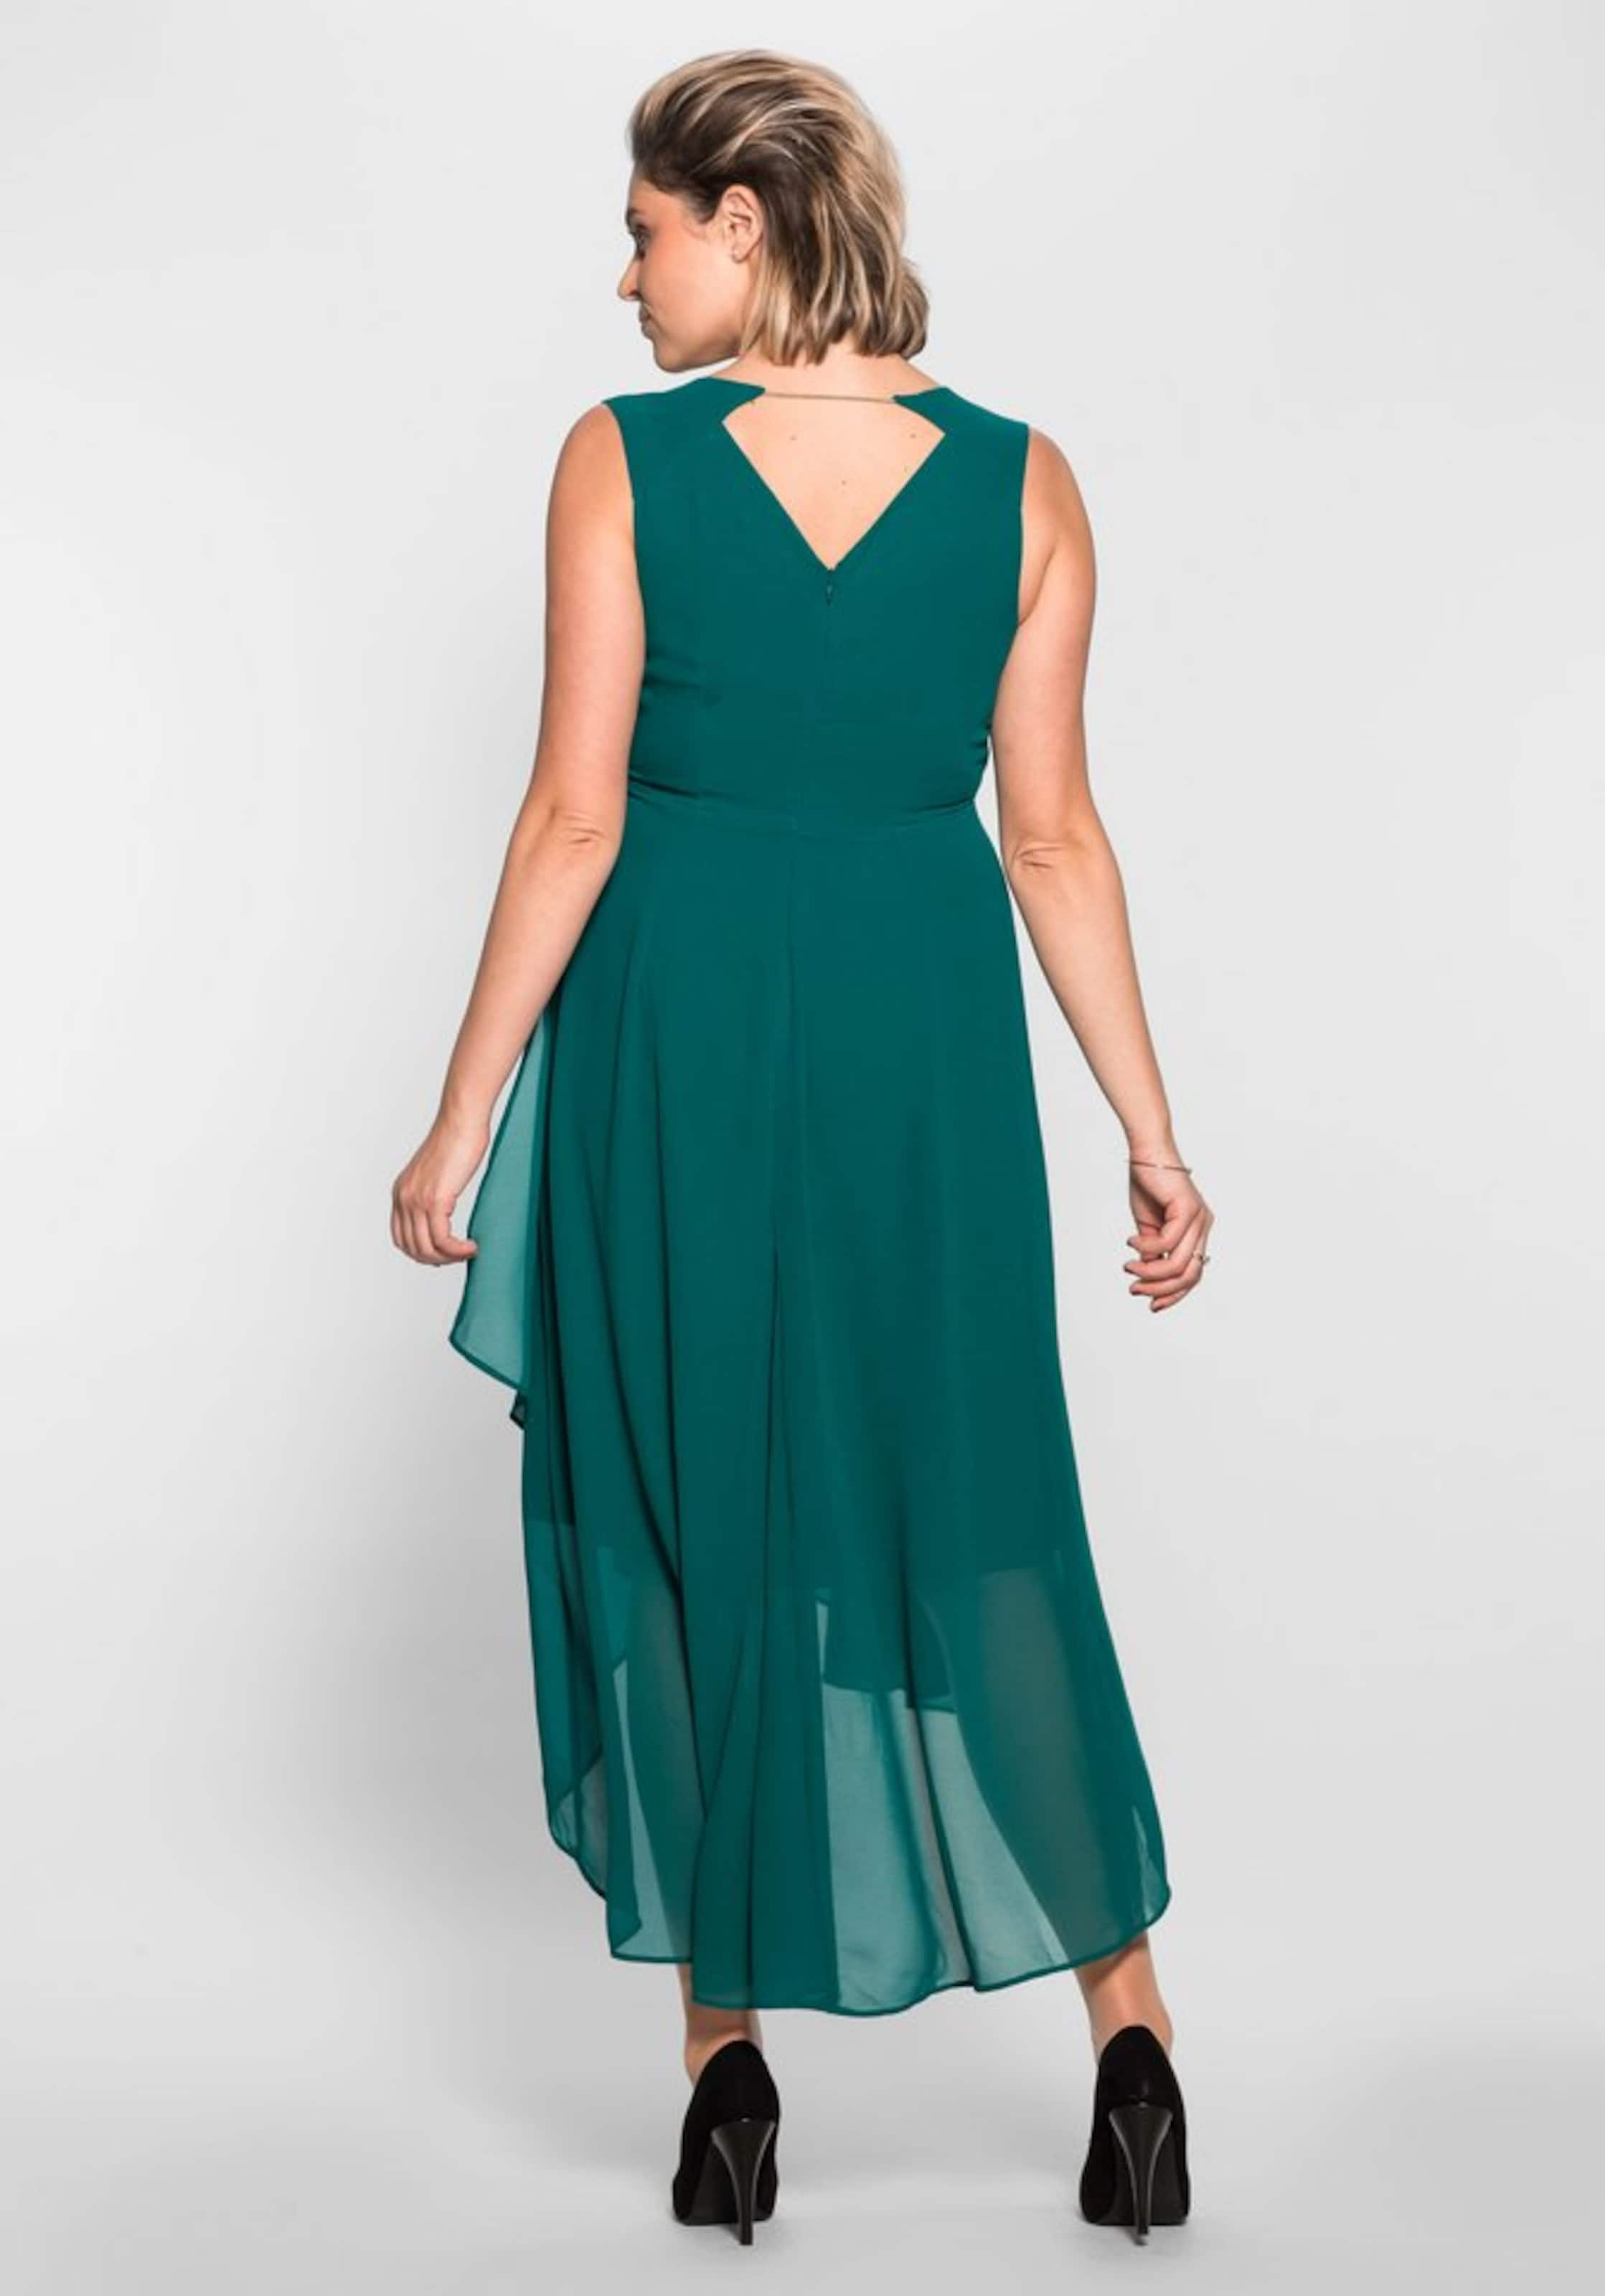 Sheego Abendkleid In Abendkleid Smaragd Sheego In 8Okn0XwP